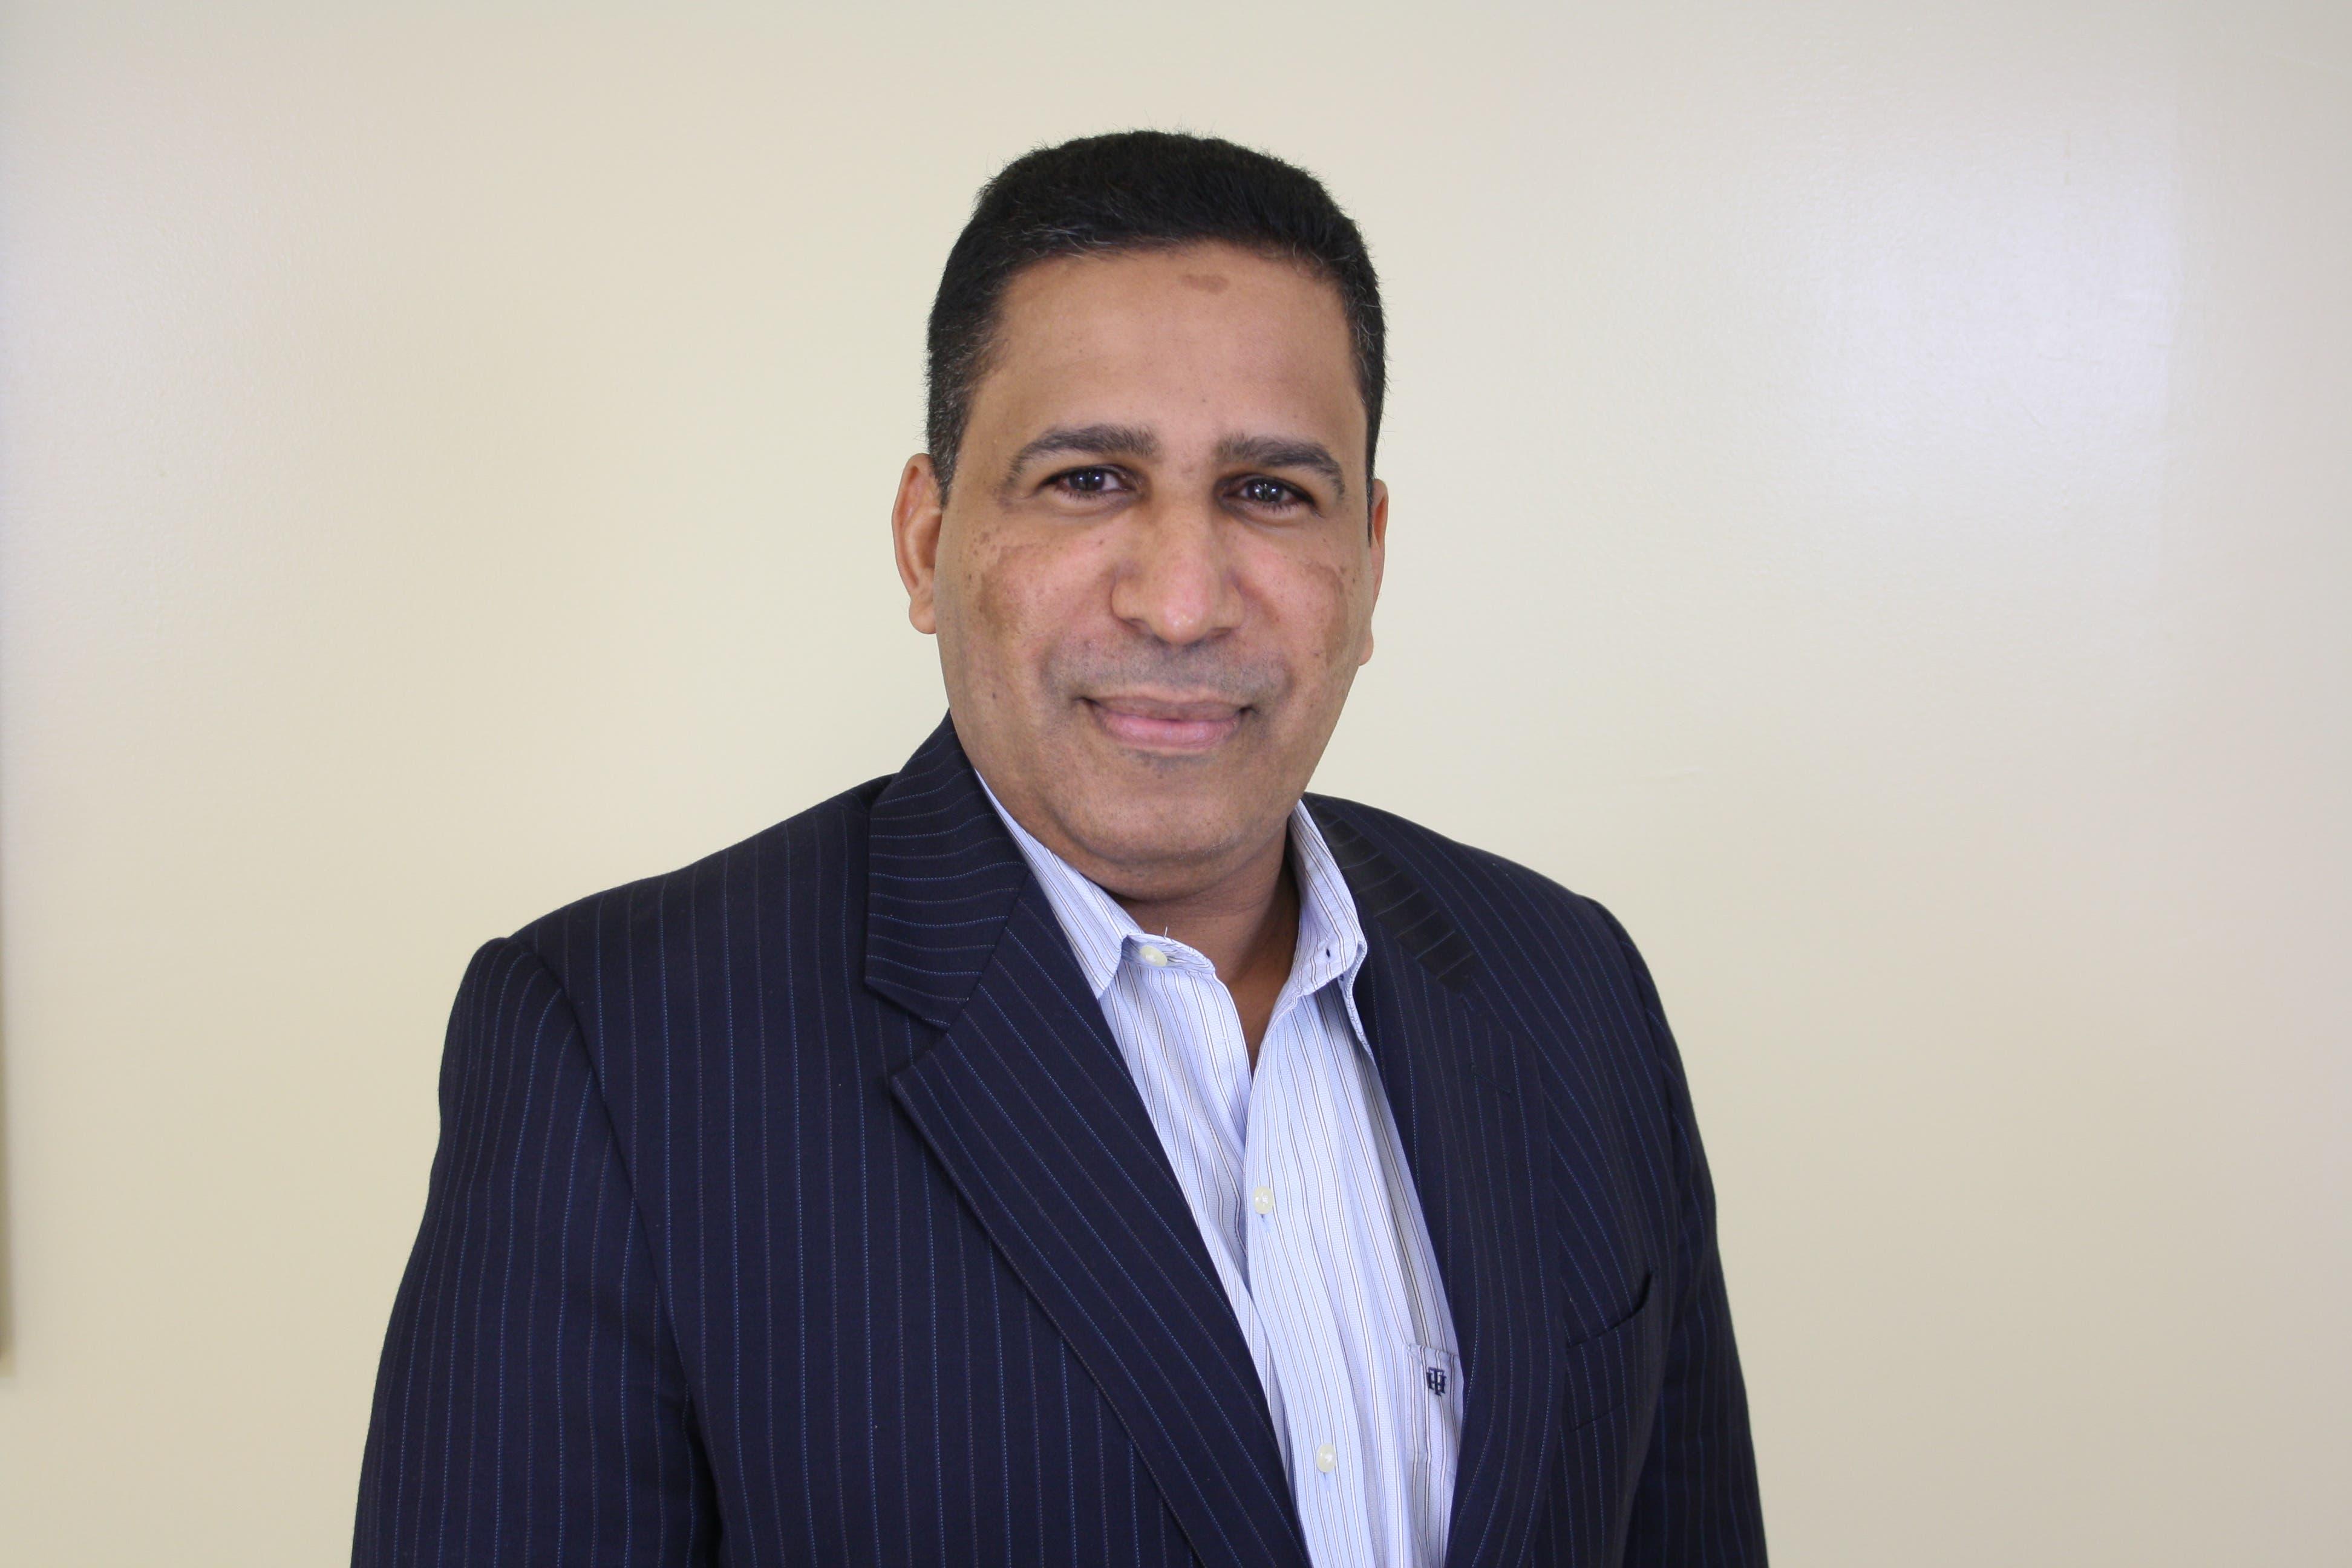 El doctor Gustavo Rodríguez Blanco, coordinador de la unidad de cirugía laparoscópica y bariátrica del Hospital Traumatológico Ney Arias Lora.